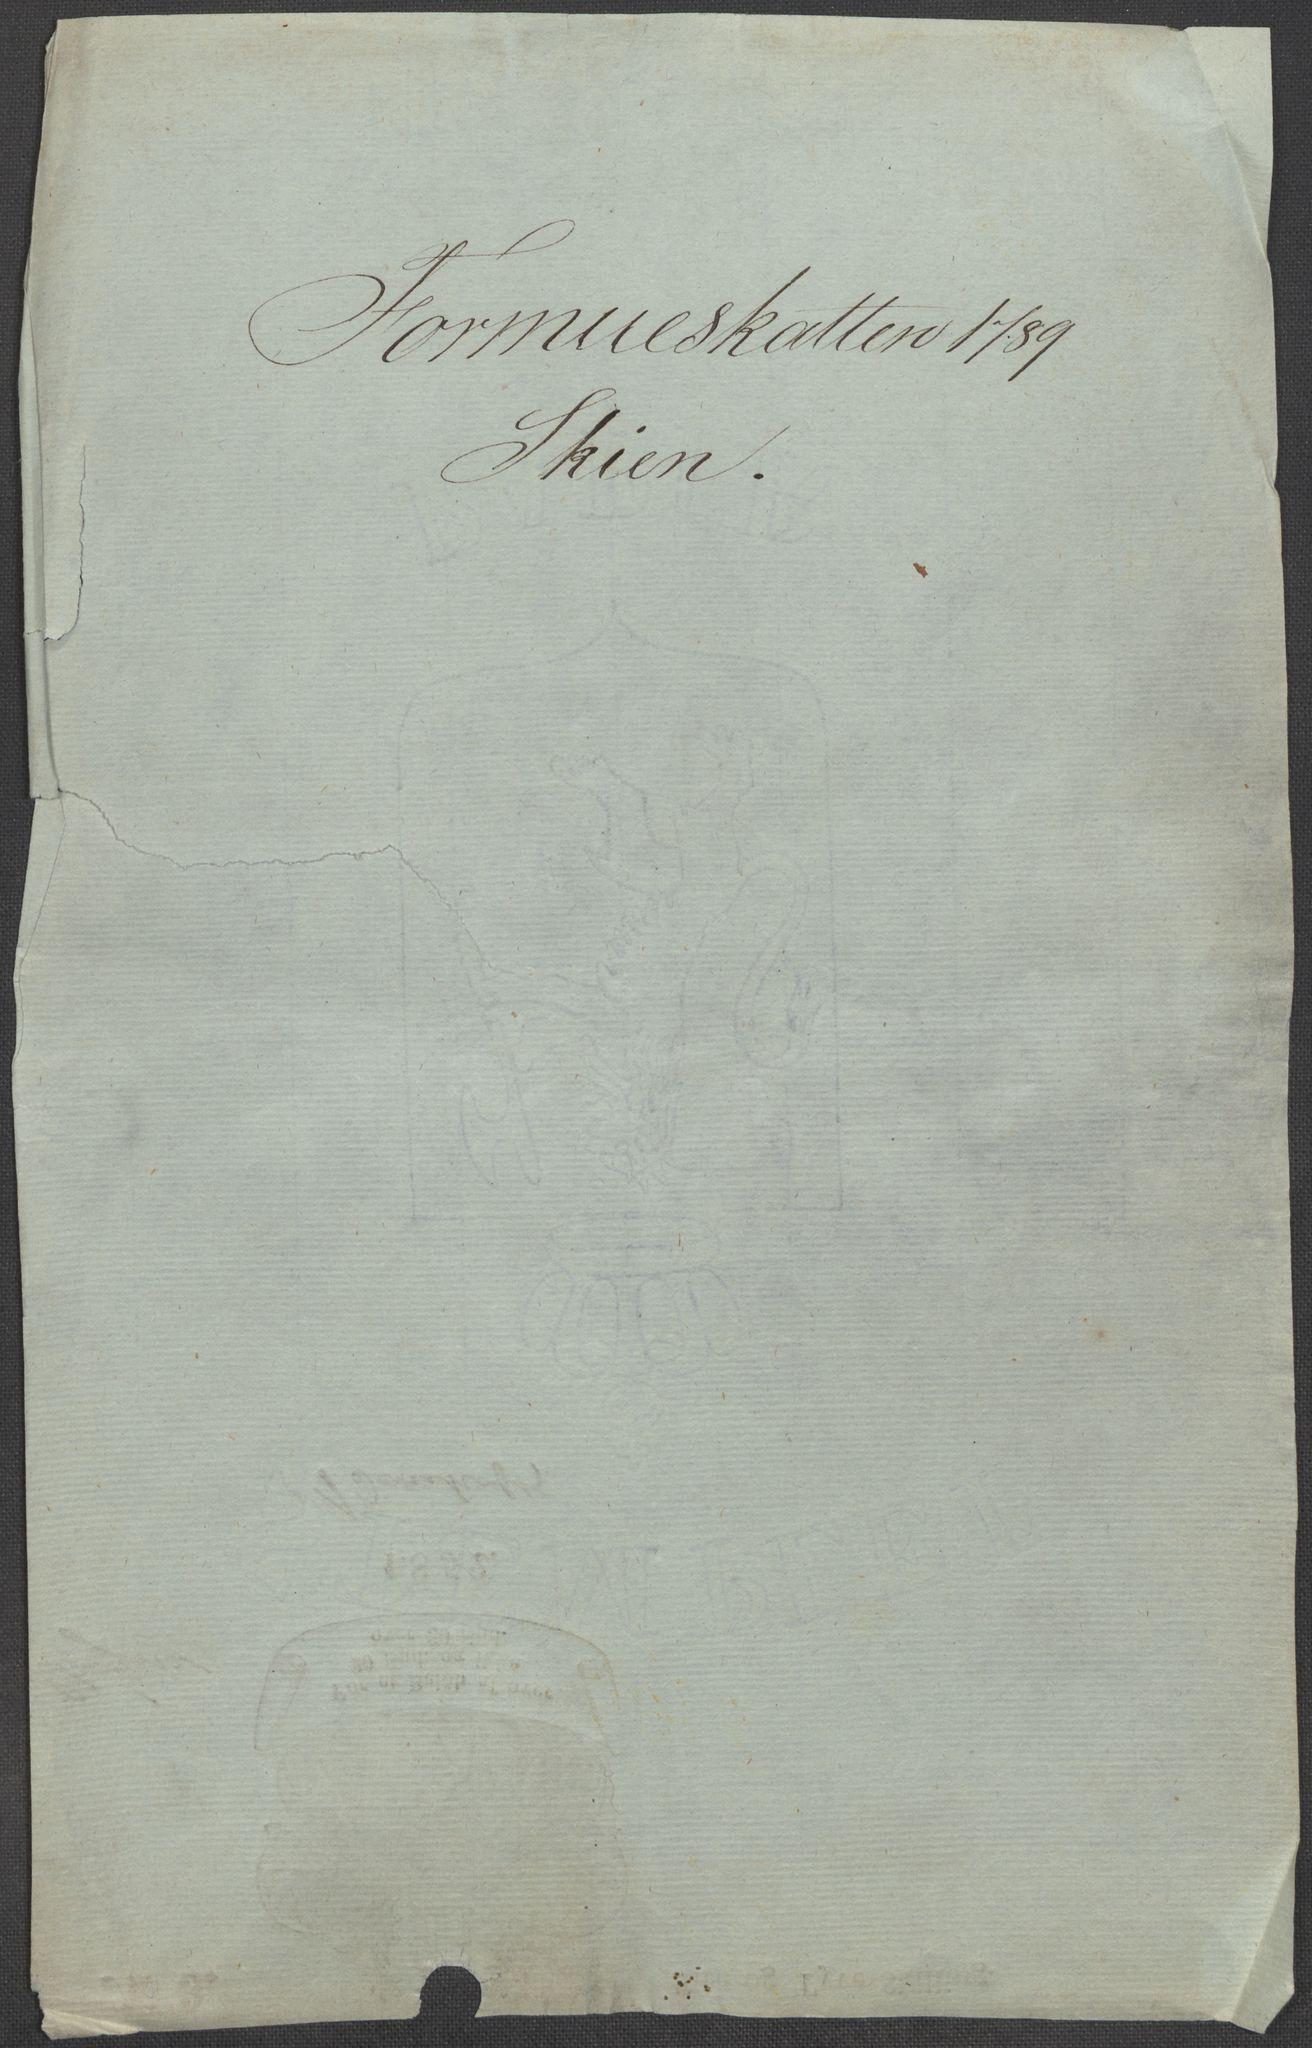 RA, Rentekammeret inntil 1814, Reviderte regnskaper, Mindre regnskaper, Rf/Rfe/L0043: Skien, Solør og Odalen fogderi, 1789, s. 3